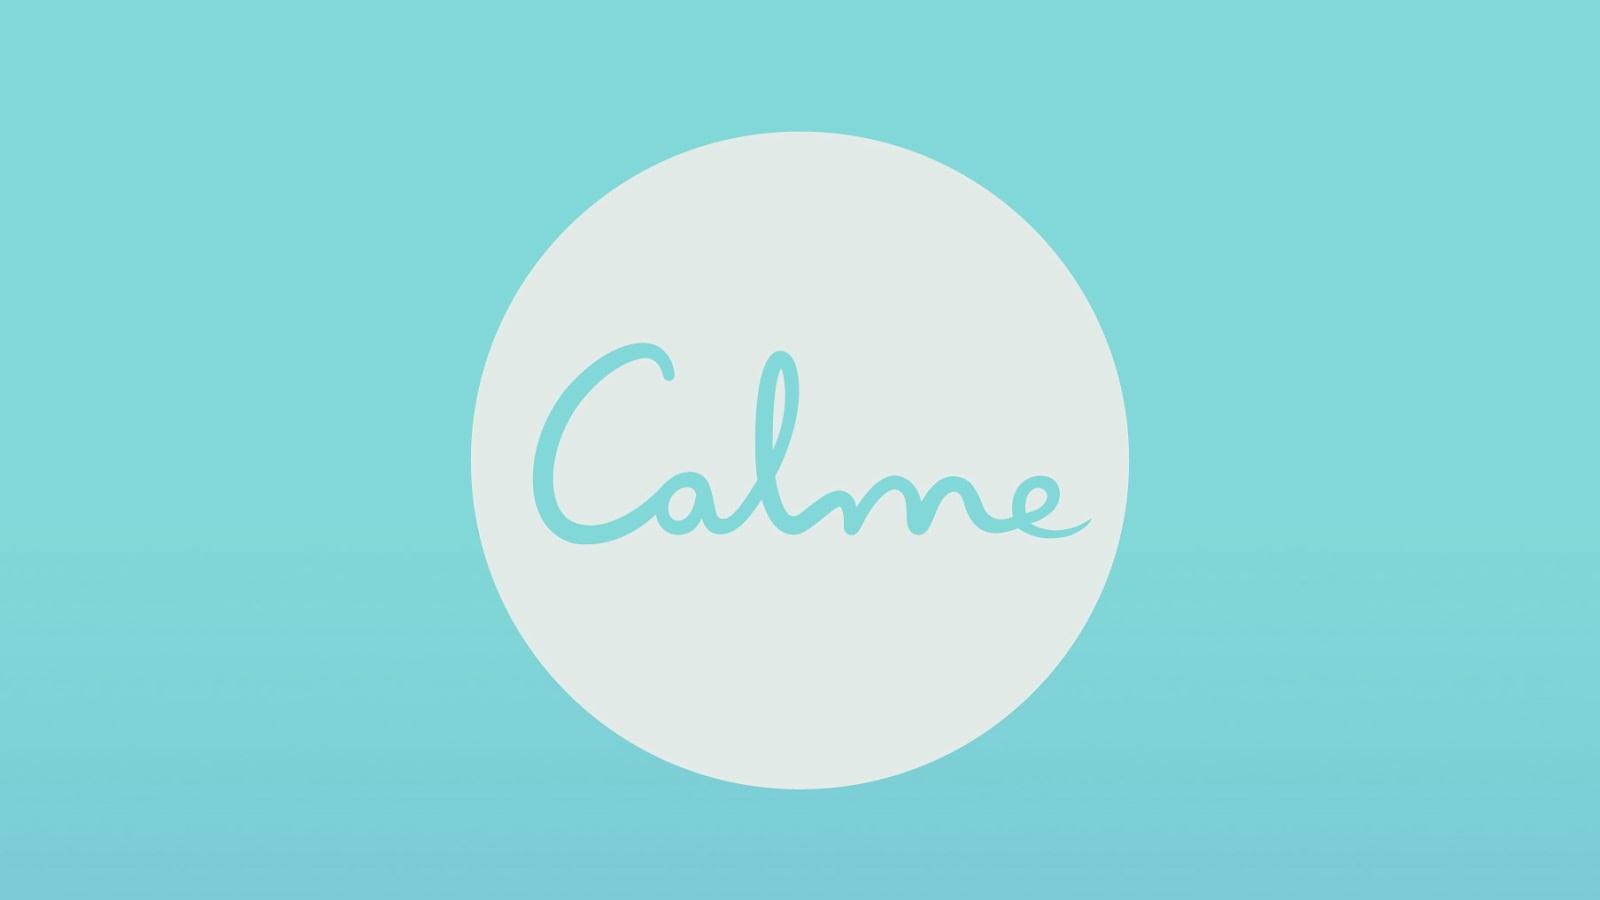 """Résultat de recherche d'images pour """"calme"""""""